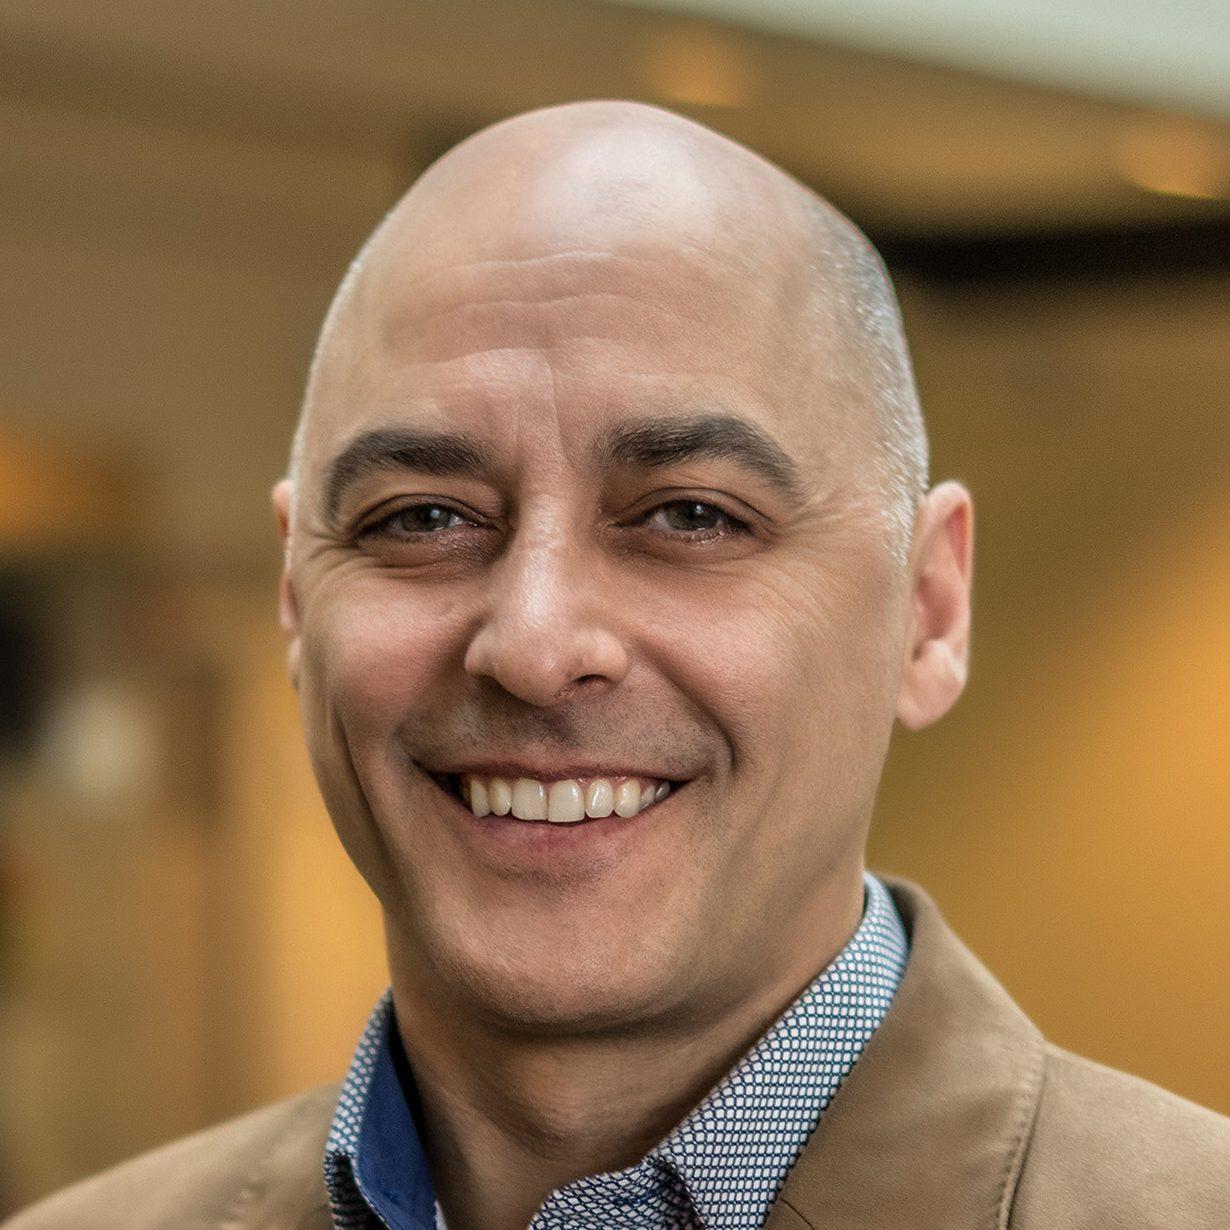 Stéphane Guay